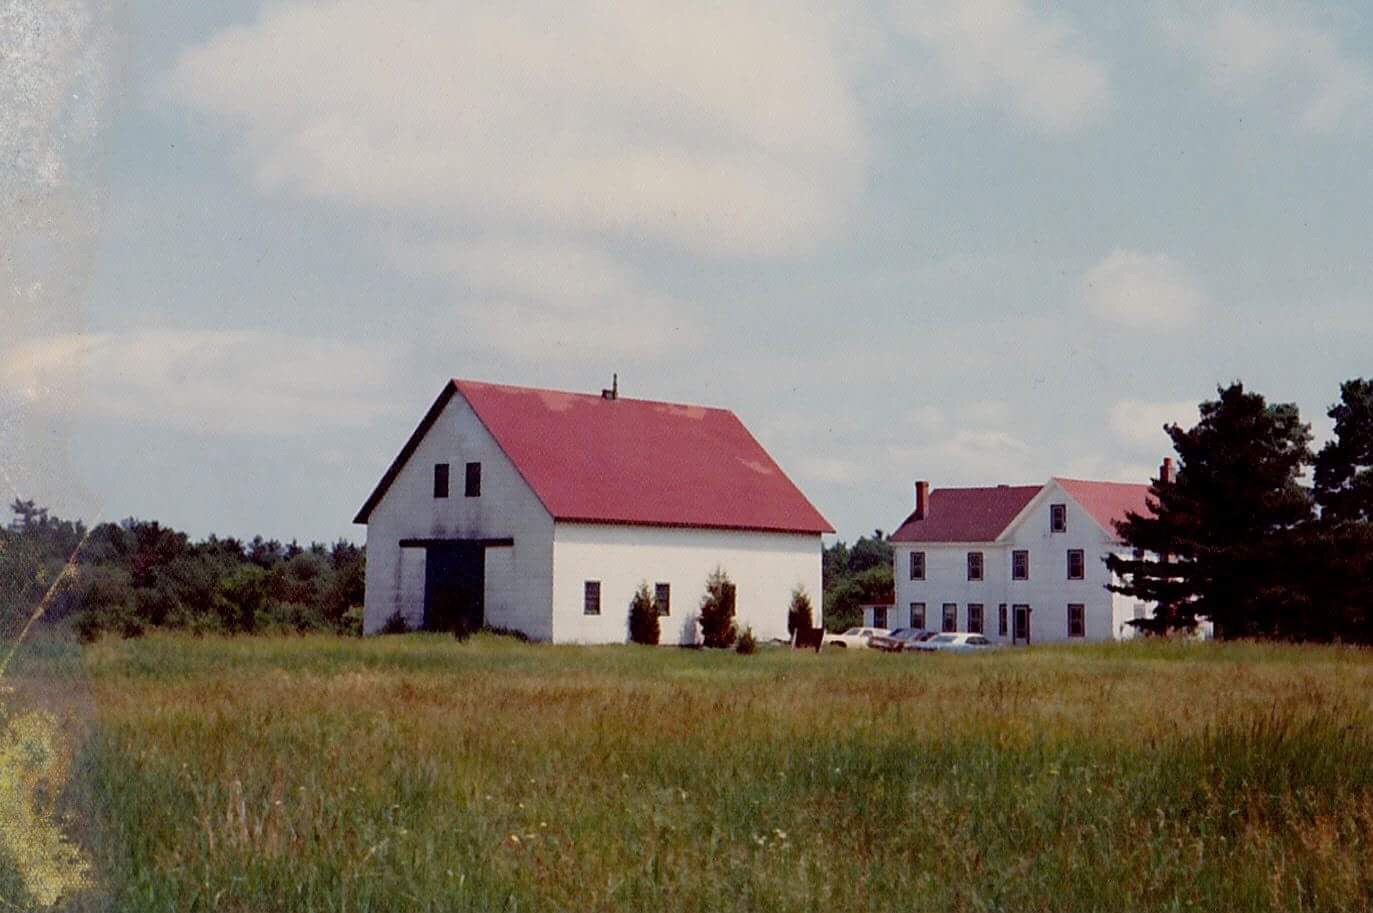 Seminatore property c. 1970. Photo credit: Susan Salvato Alfano